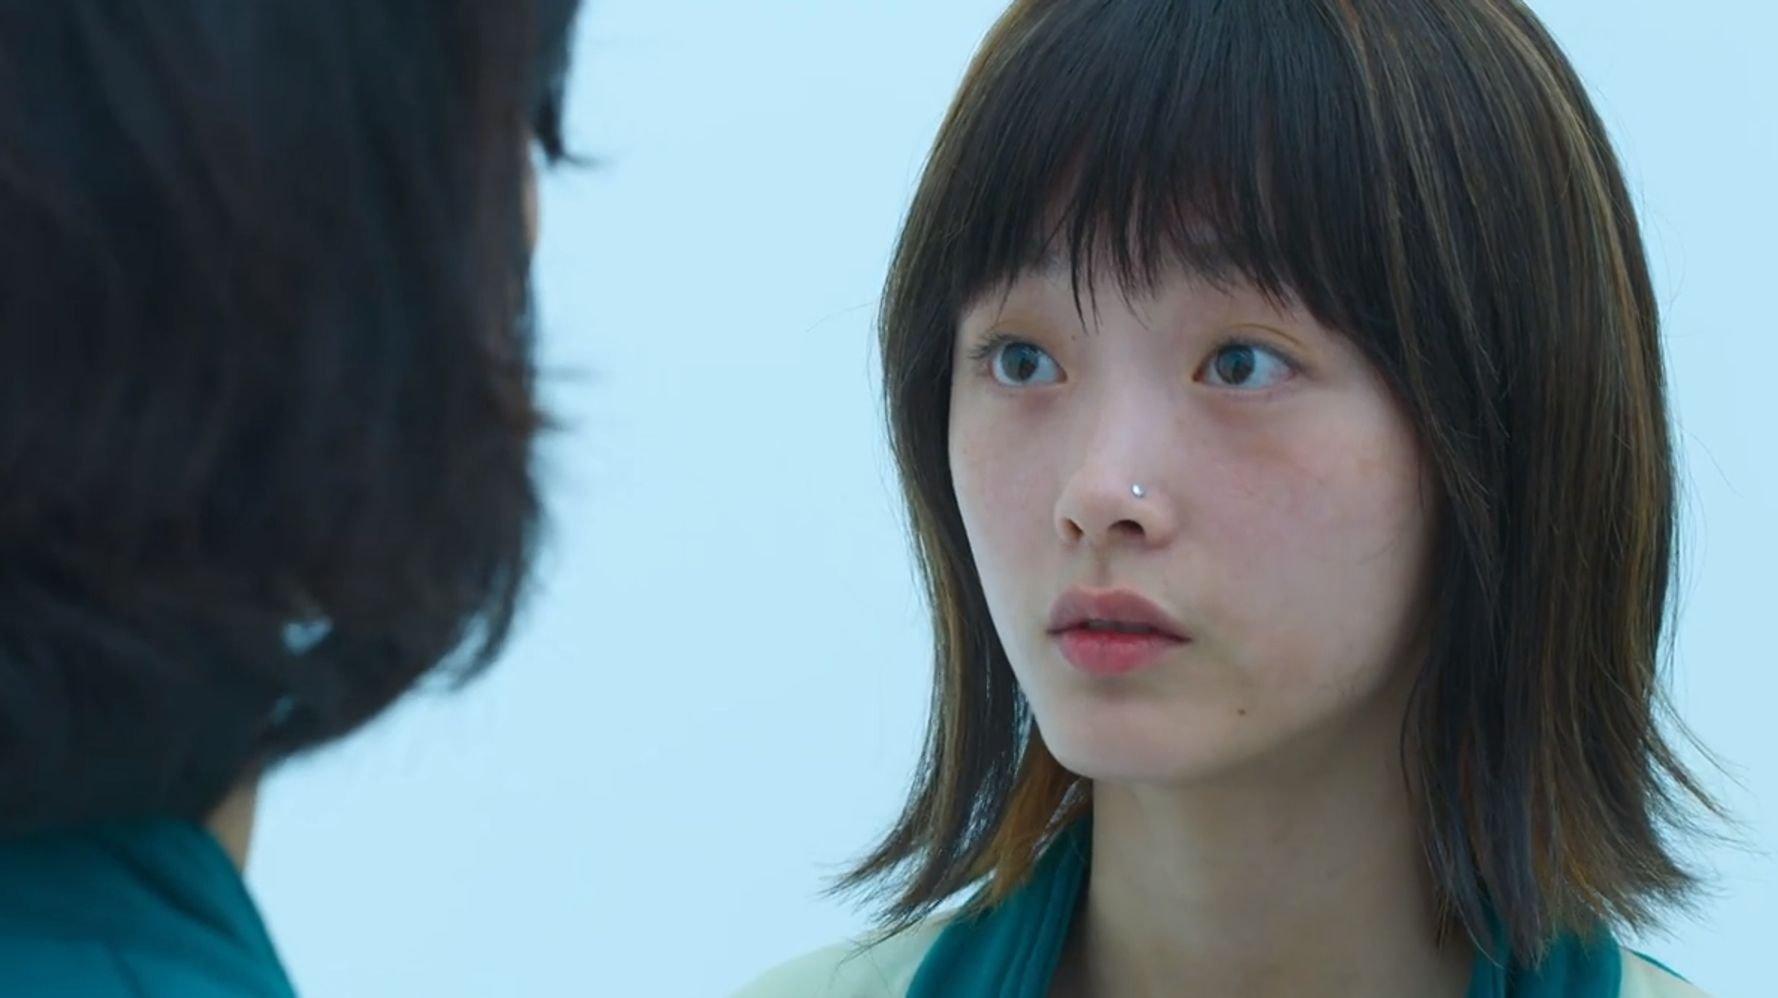 넷플릭스 '오징어 게임' 배우 이유미는 1000:1 경쟁률을 뚫고 영화 '인질'에 캐스팅됐다 | 허프포스트코리아